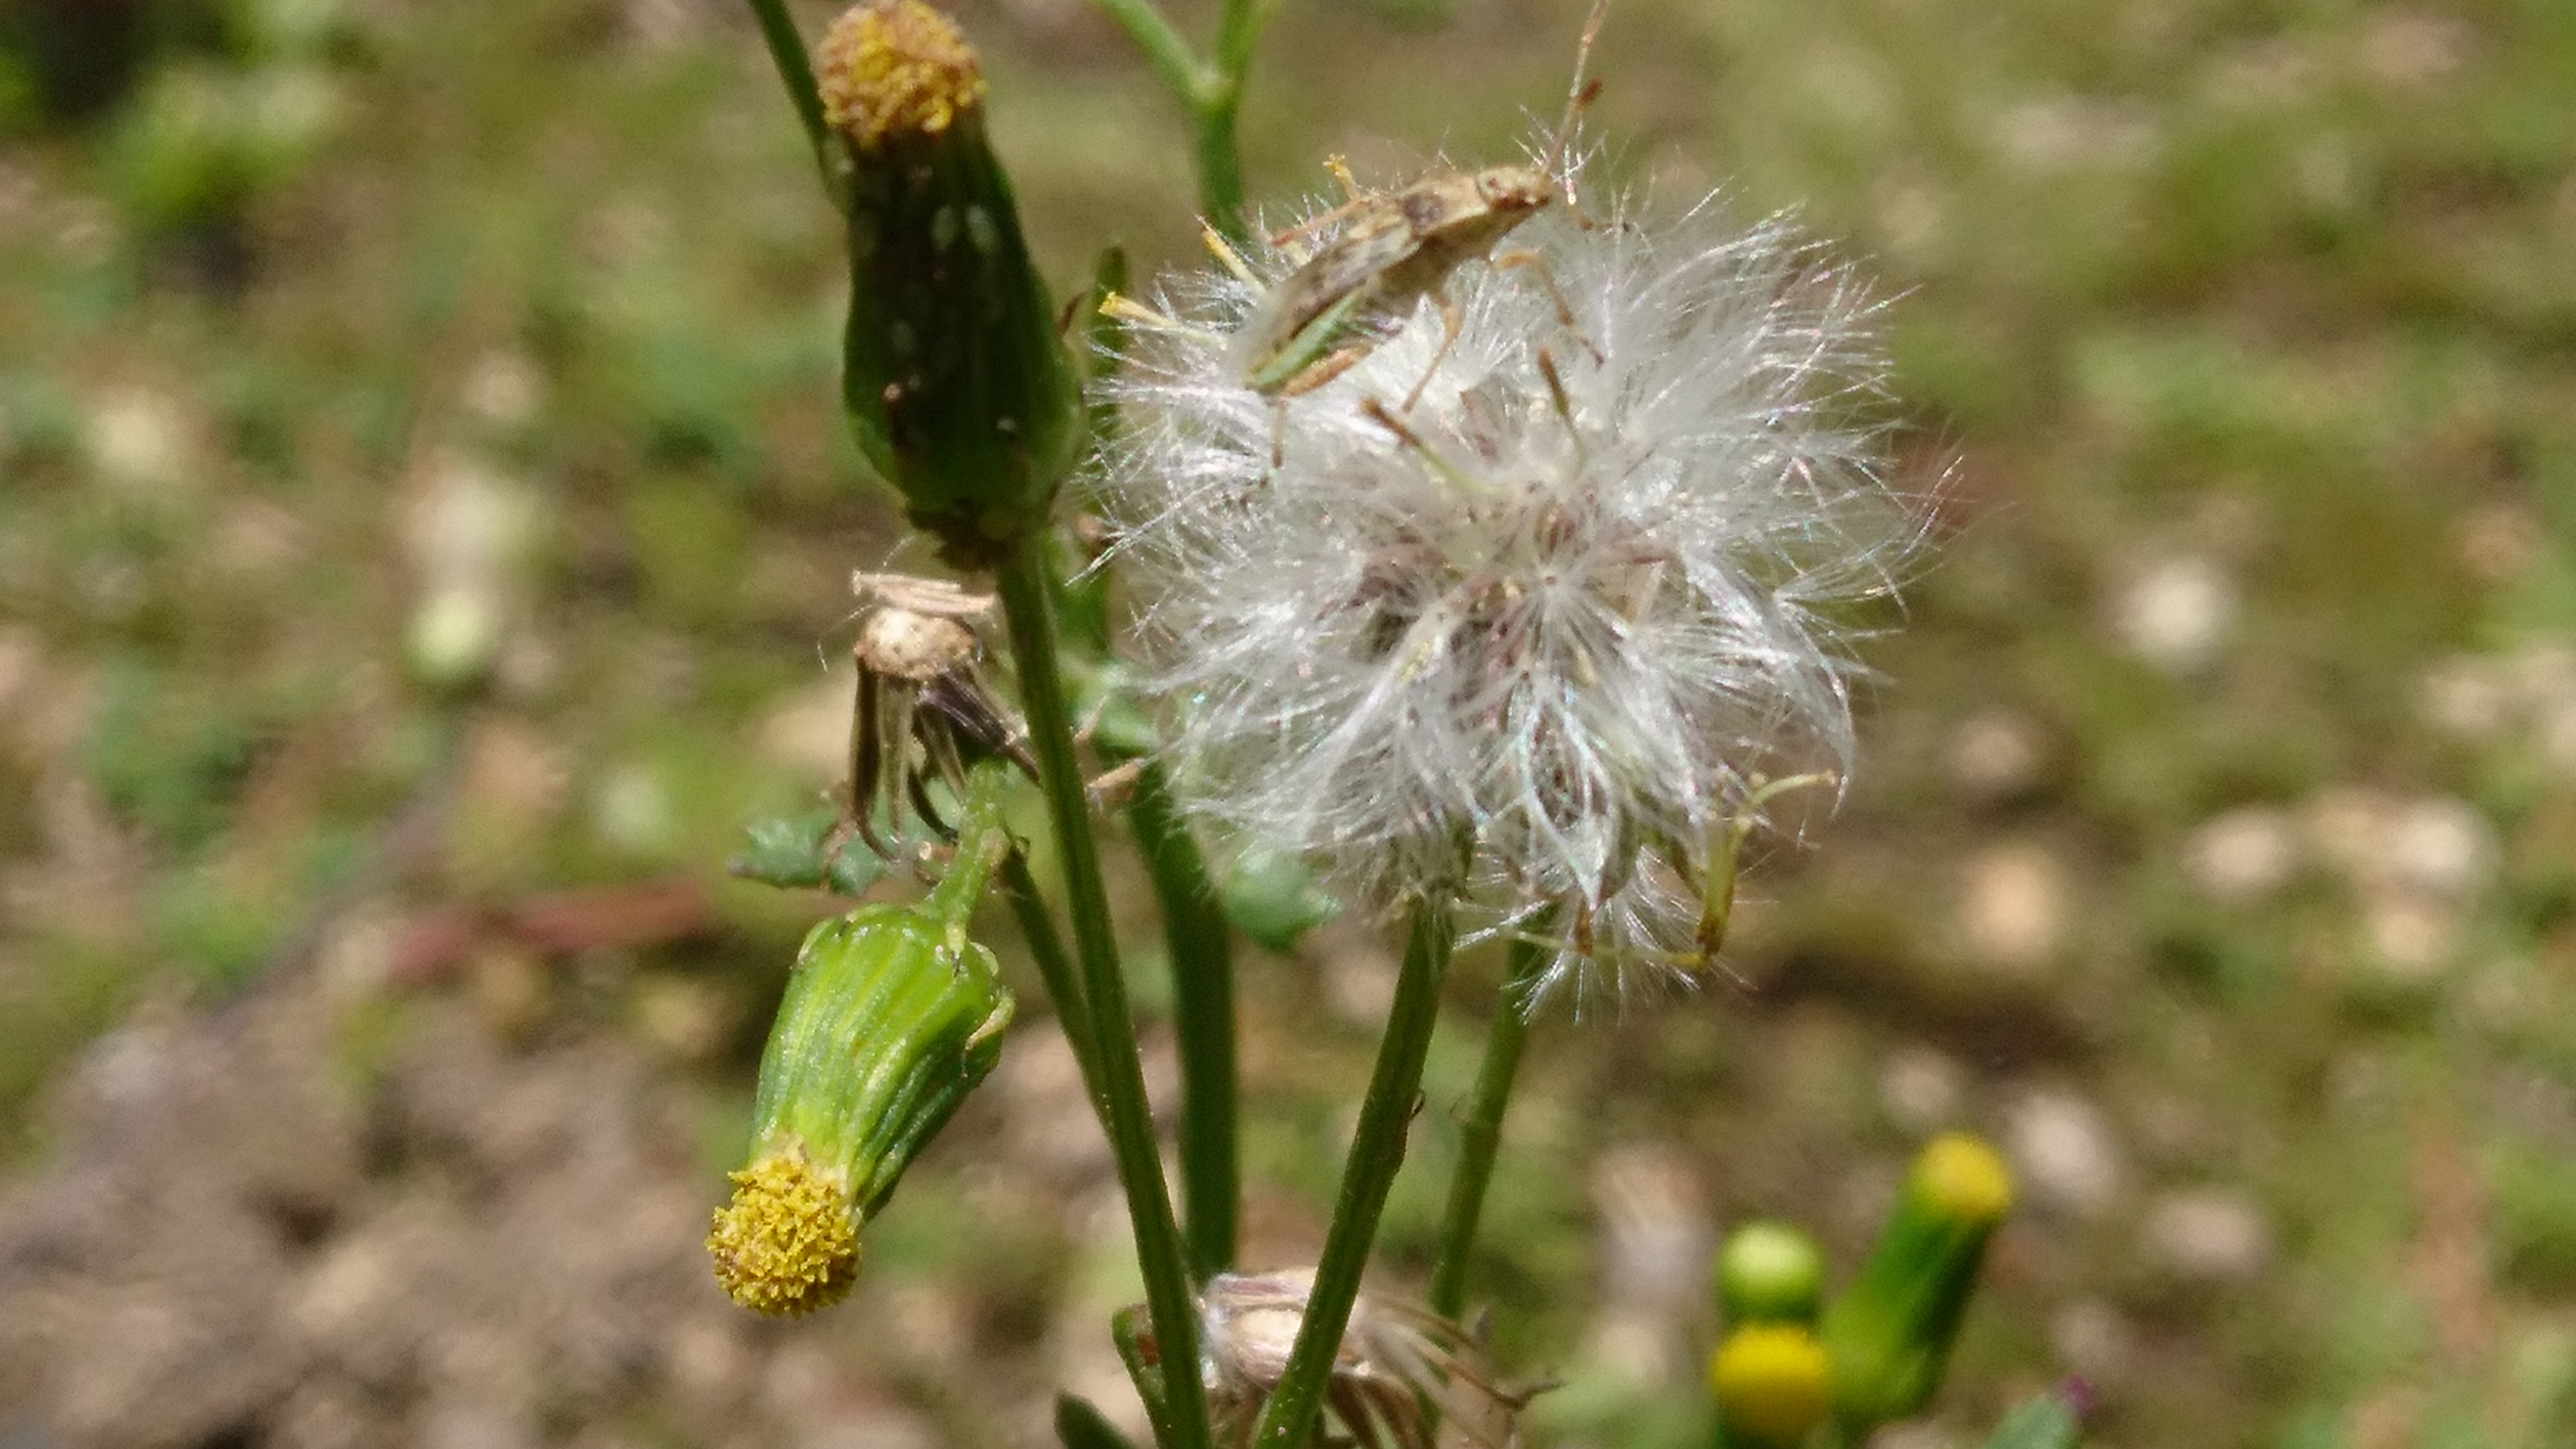 ノボロギクとは?その特徴や生態をご紹介!雑草としての駆除方法は?